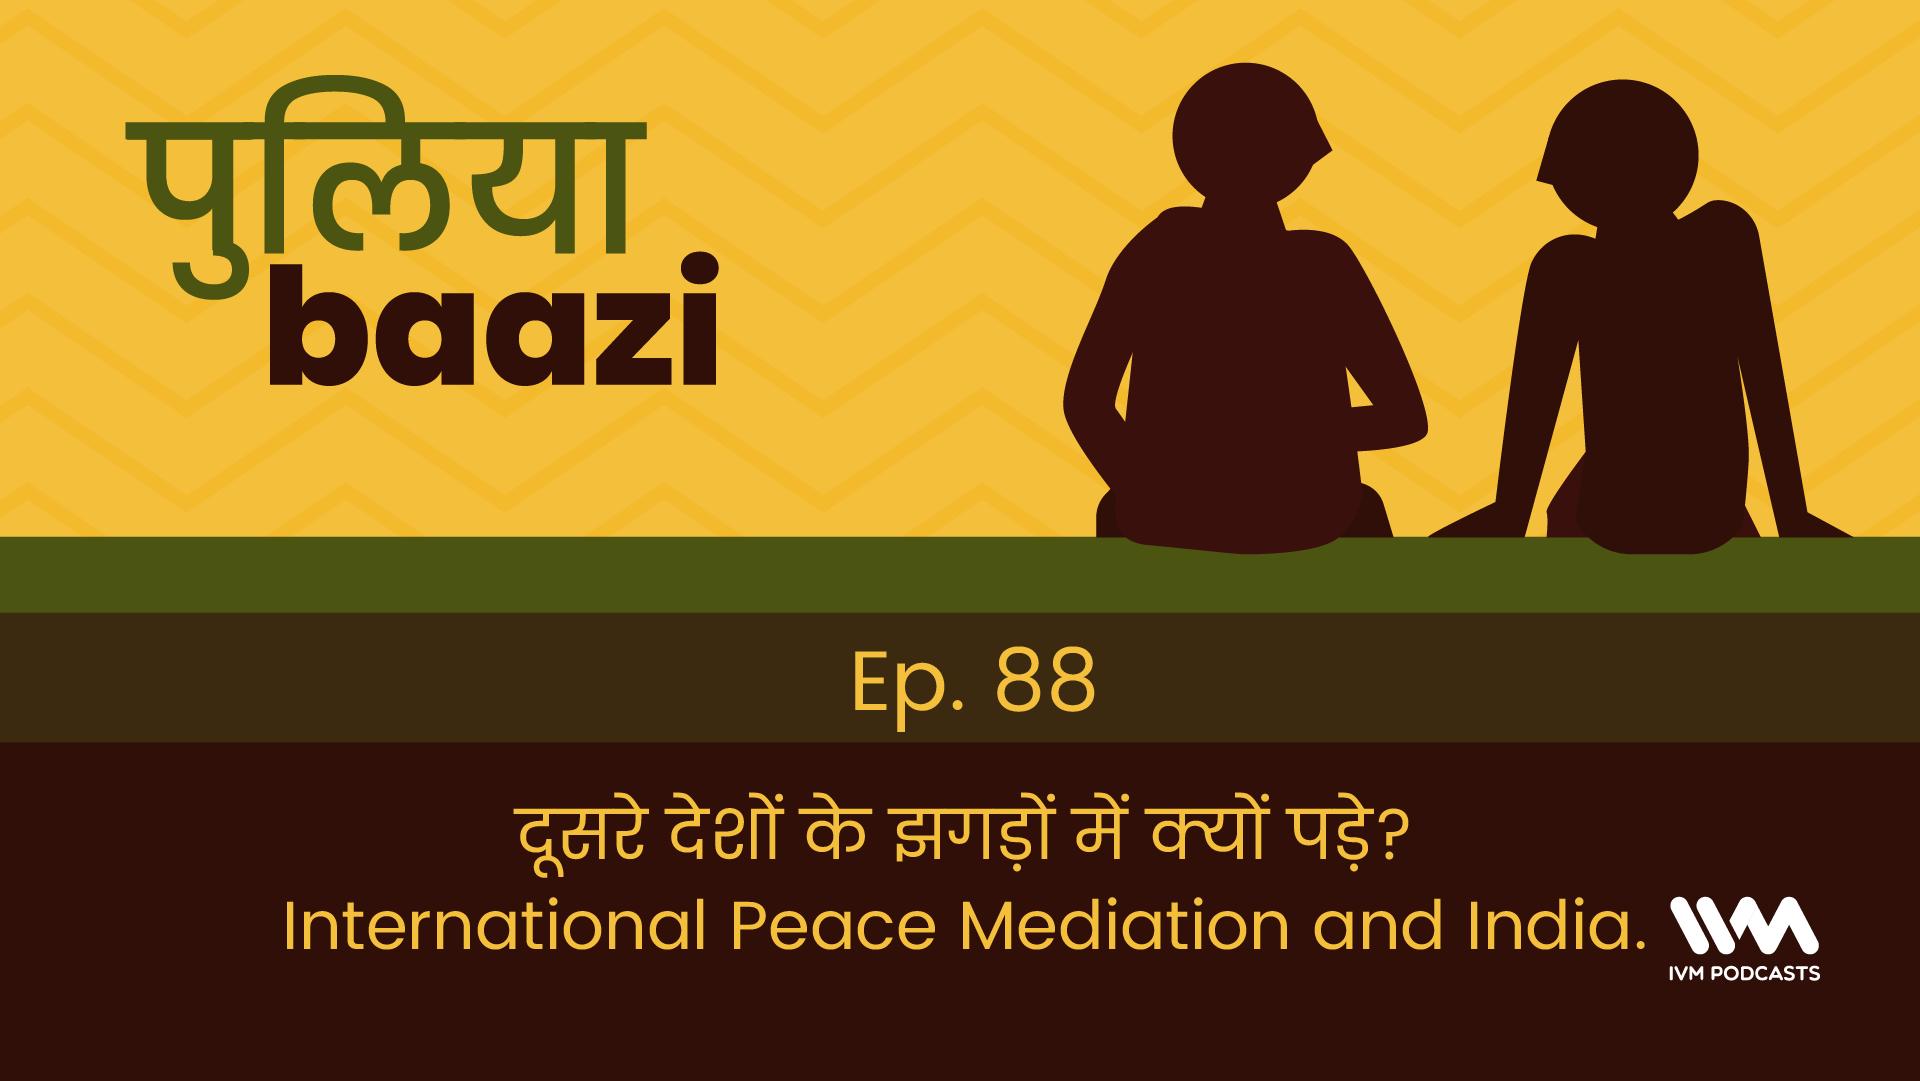 Ep. 88: दूसरे देशों के झगड़ों में क्यों पड़े? International Peace Mediation and India.